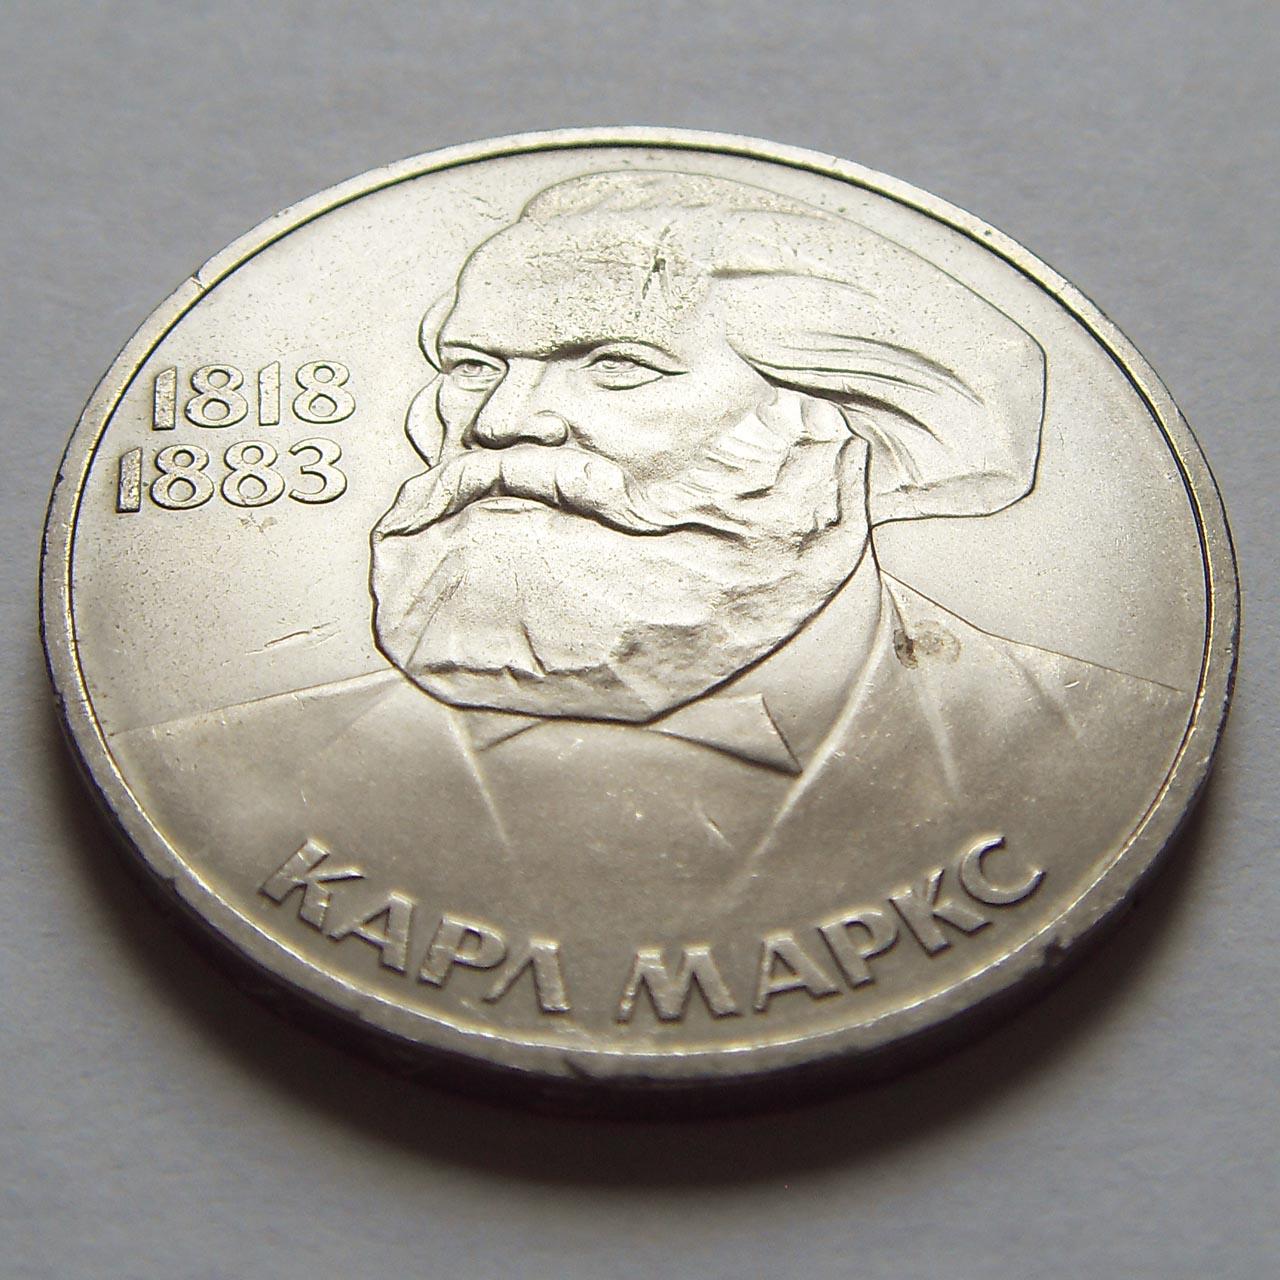 один рубль со знаком рубля тираж